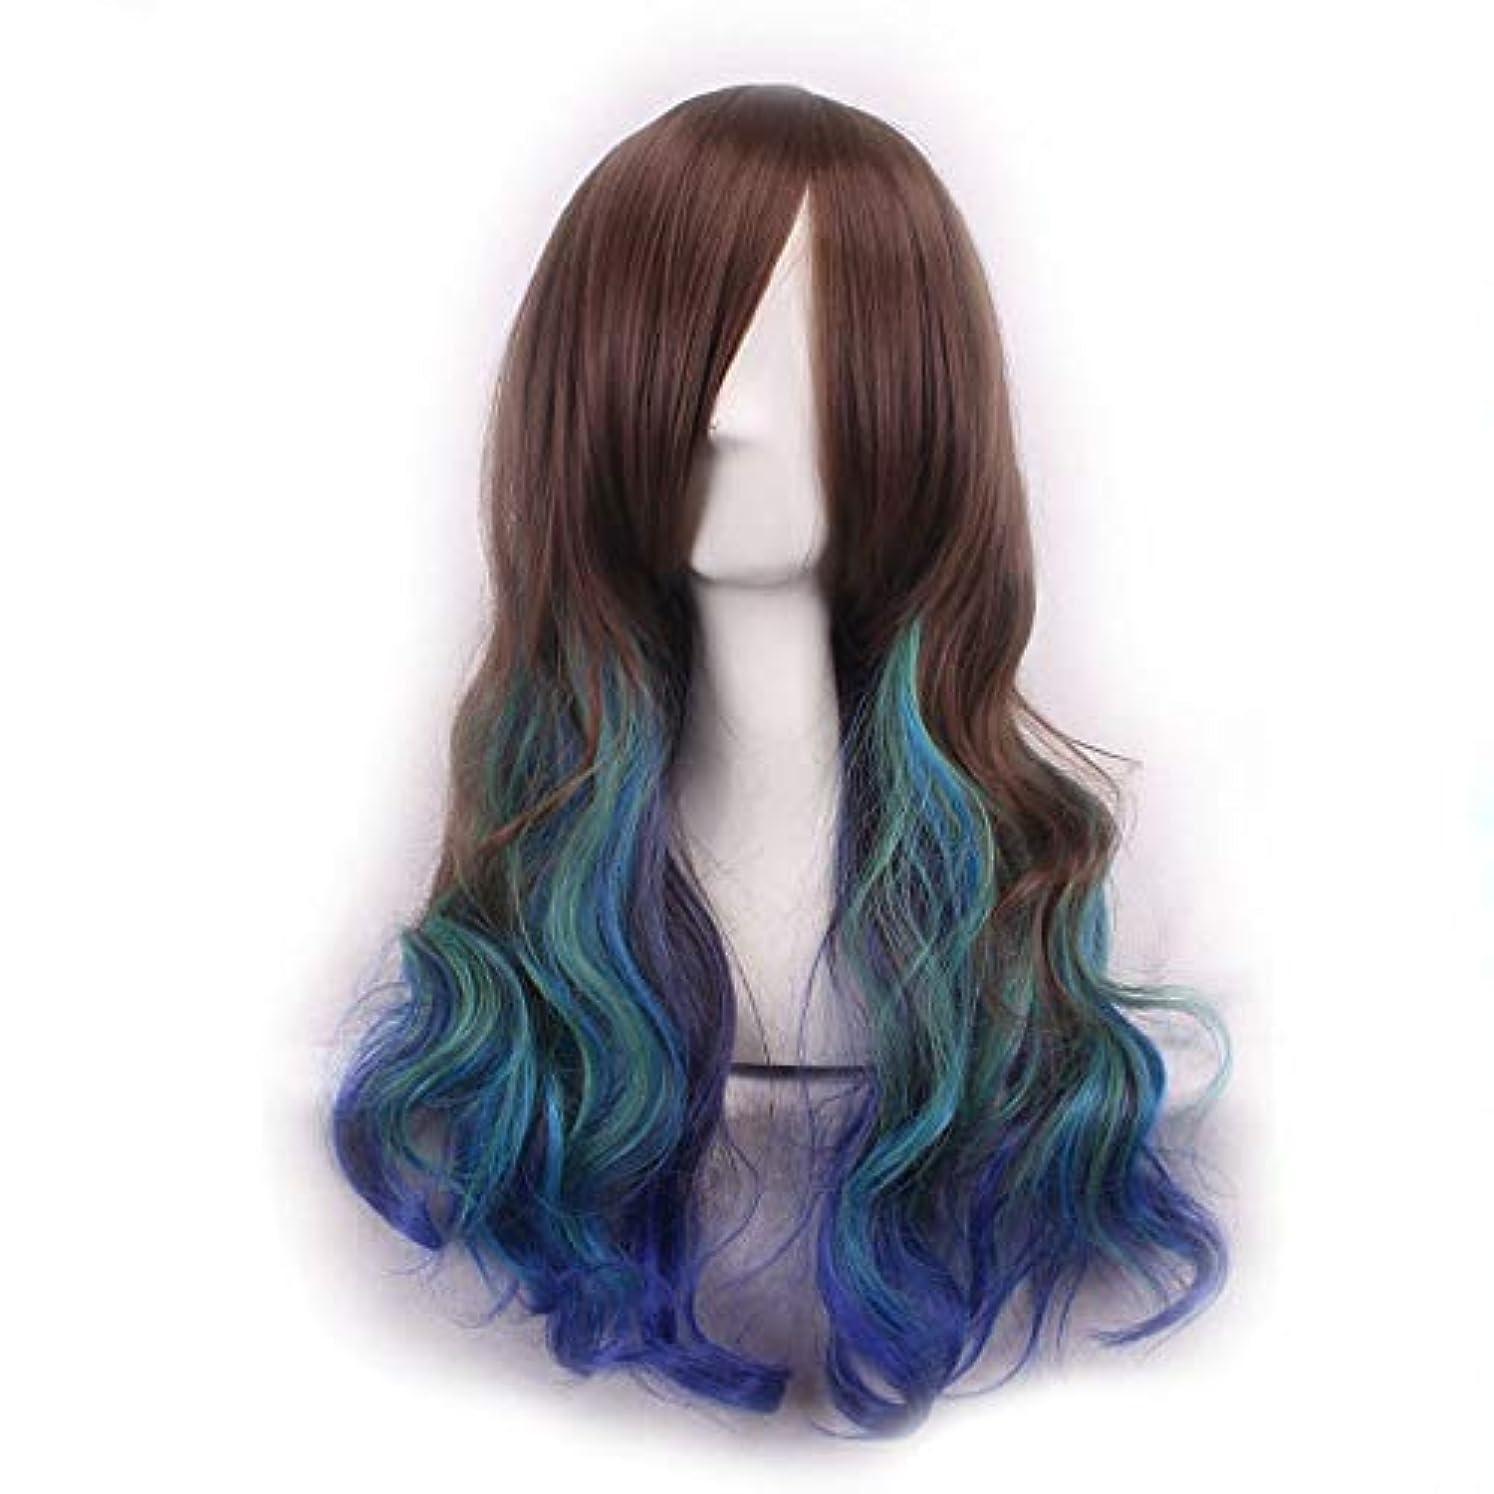 コンソールスタジオ石灰岩かつらキャップでかつらファンシードレスカールかつら女性用高品質合成毛髪コスプレ高密度かつら女性&女の子ブルー、レッド (Color : 青)